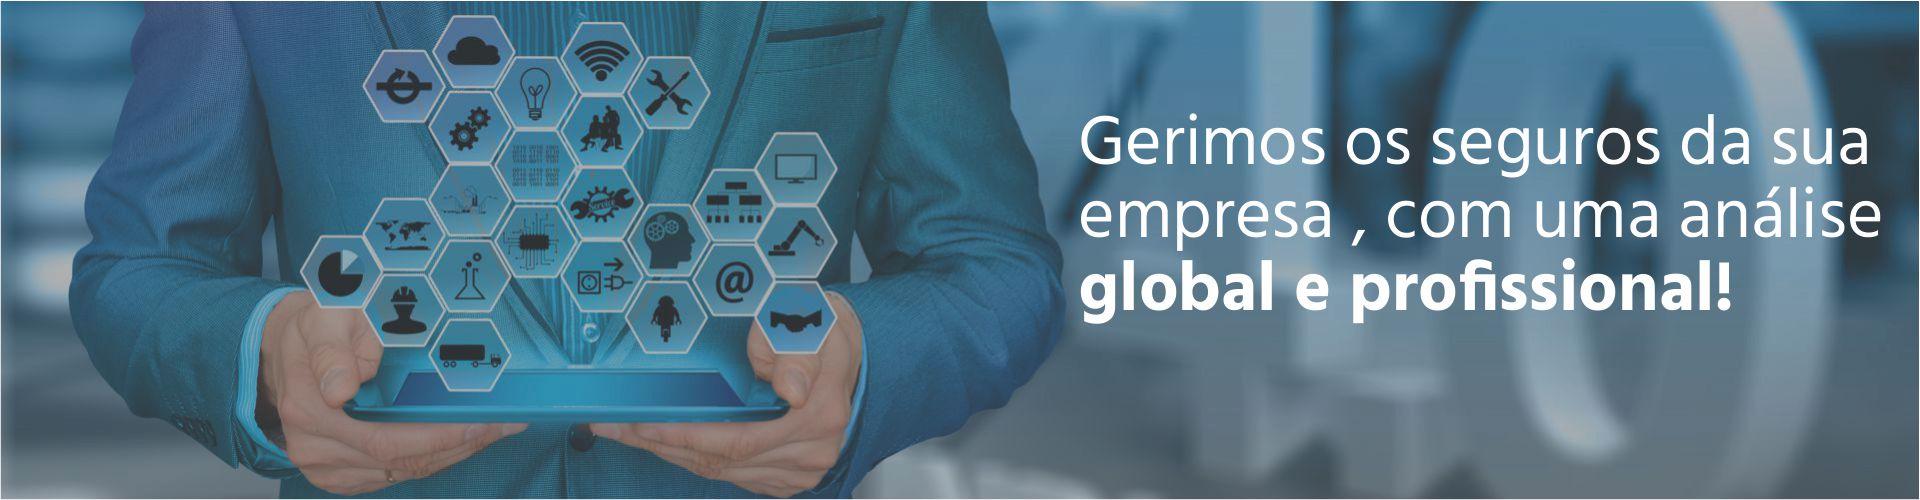 Empresas - A gestão global e profissional dos seguros da empresa